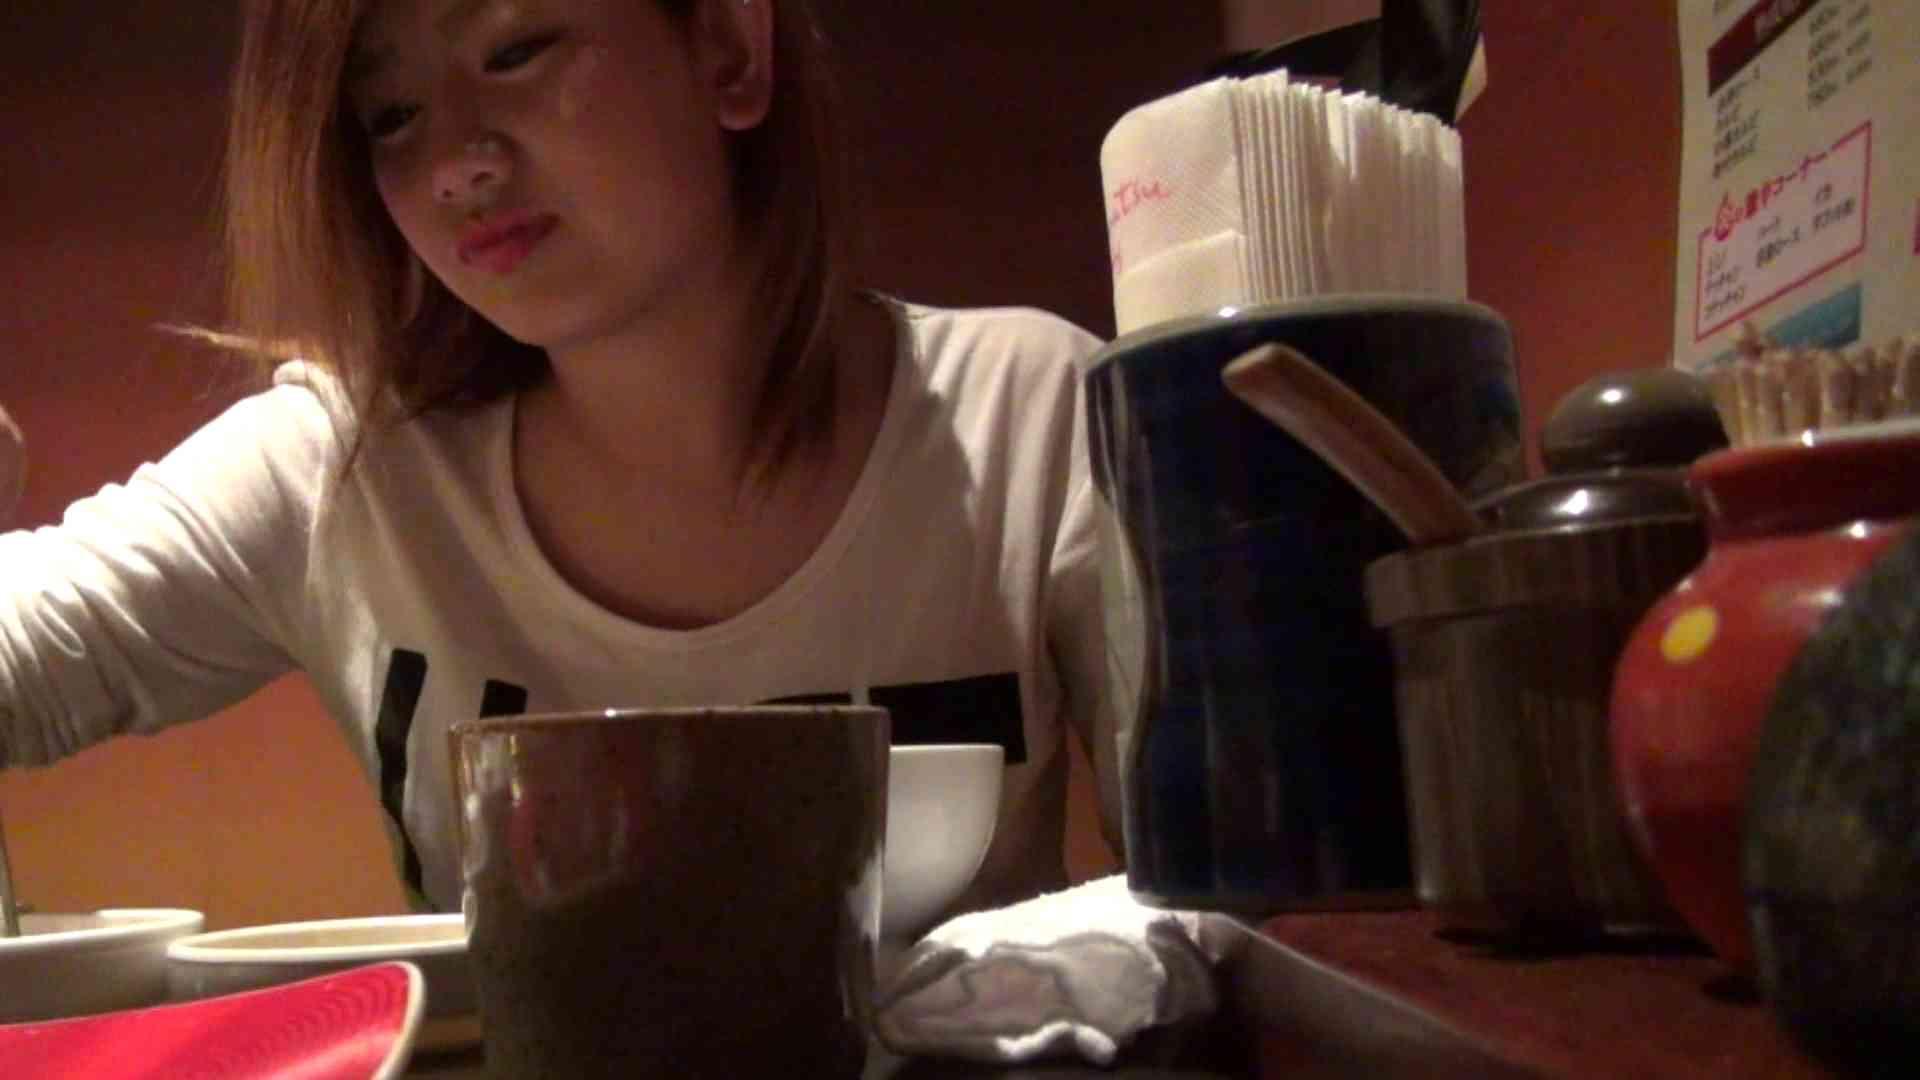 【出会い01】大助さんMちゃんと食事会 0 | 友人  53連発 13